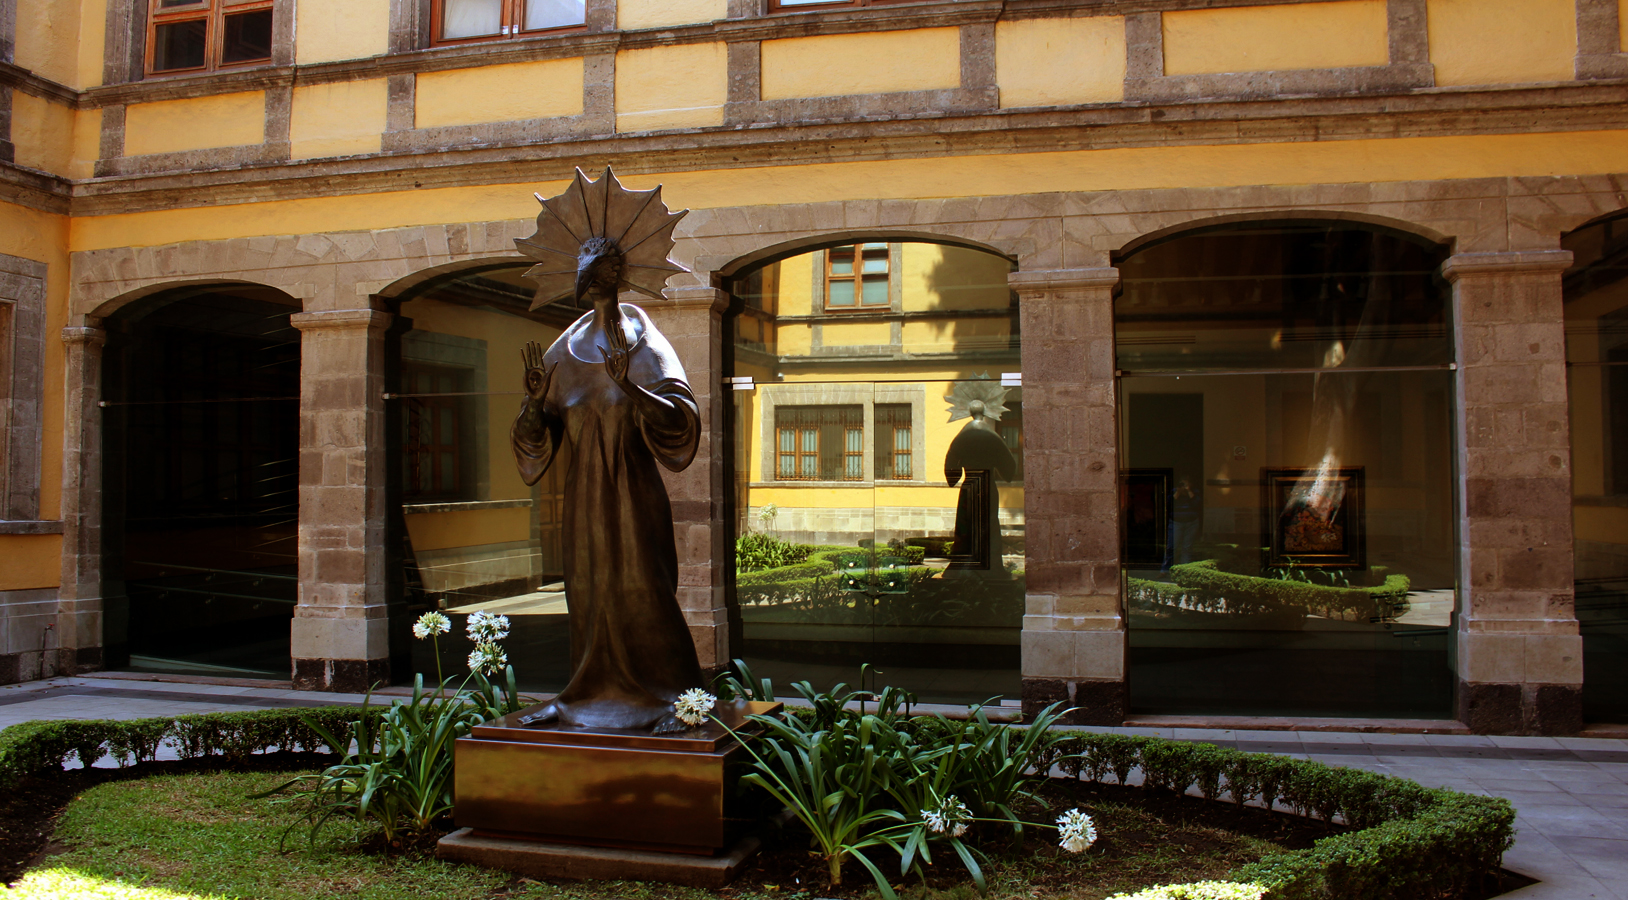 Archbishopric Palace